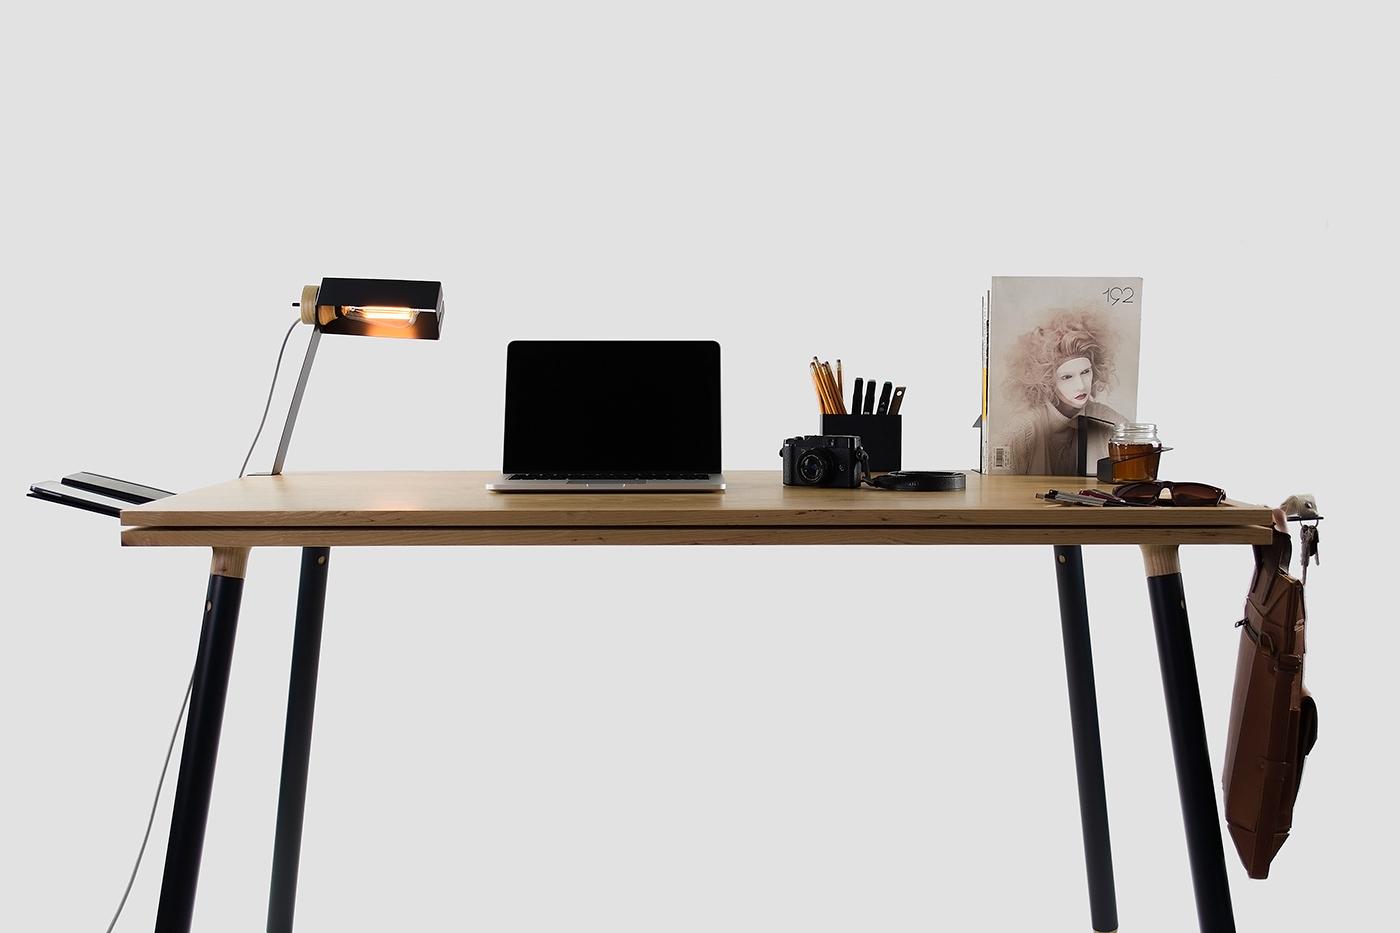 多功能简易办公桌设计欣赏